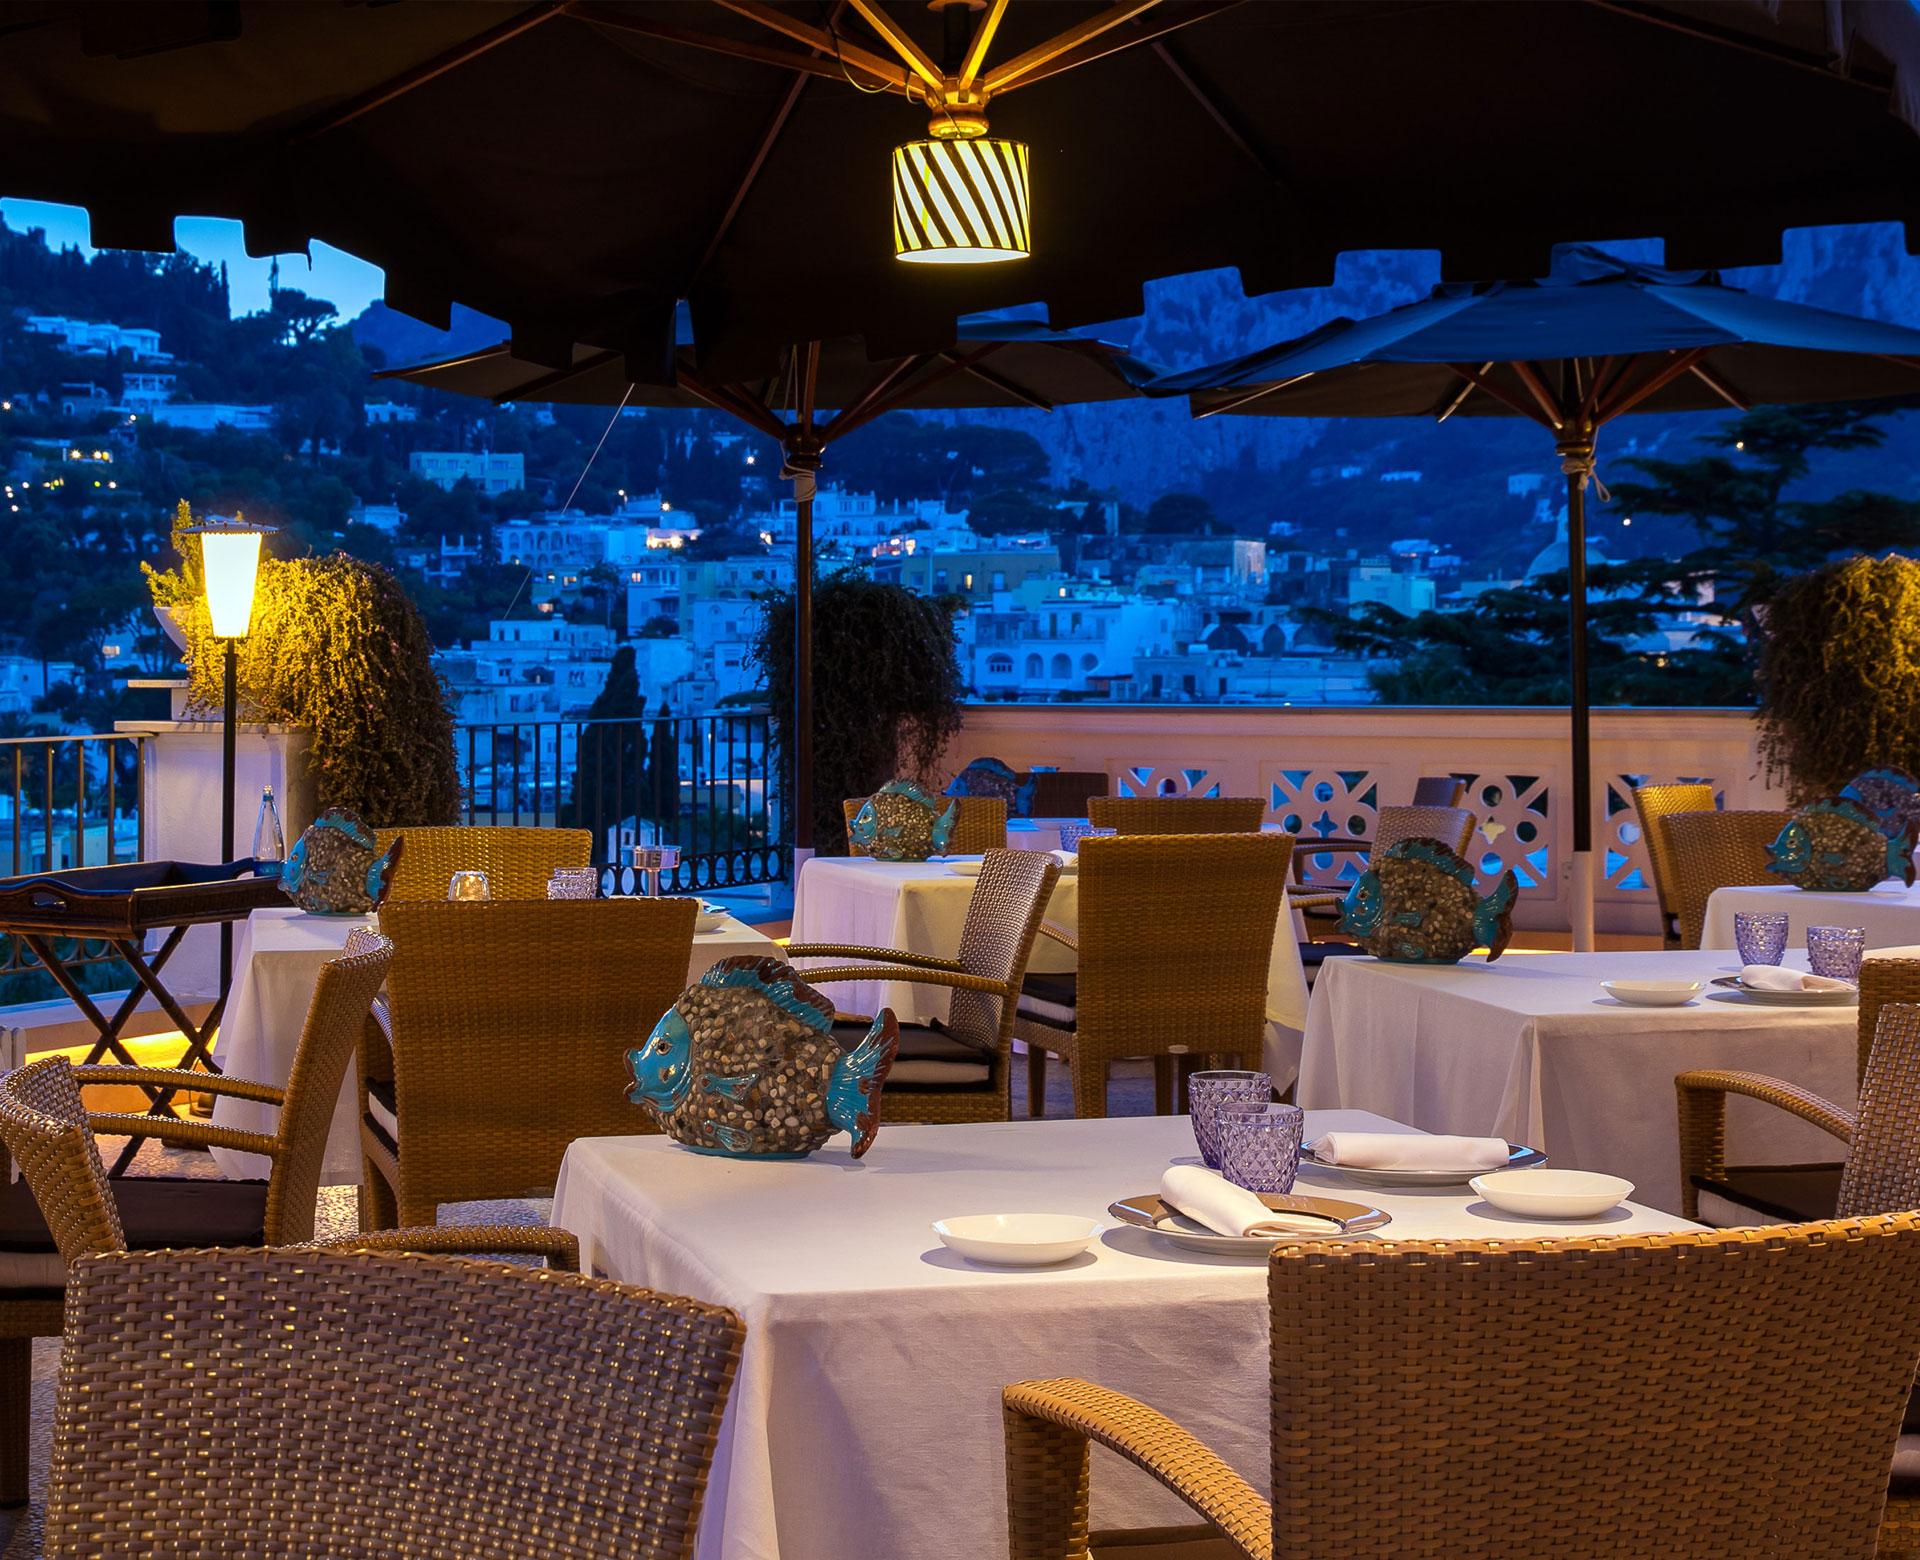 Capri Tiberio Palace Official Site: 5 Stars Hotel in Capri - Kosher ...